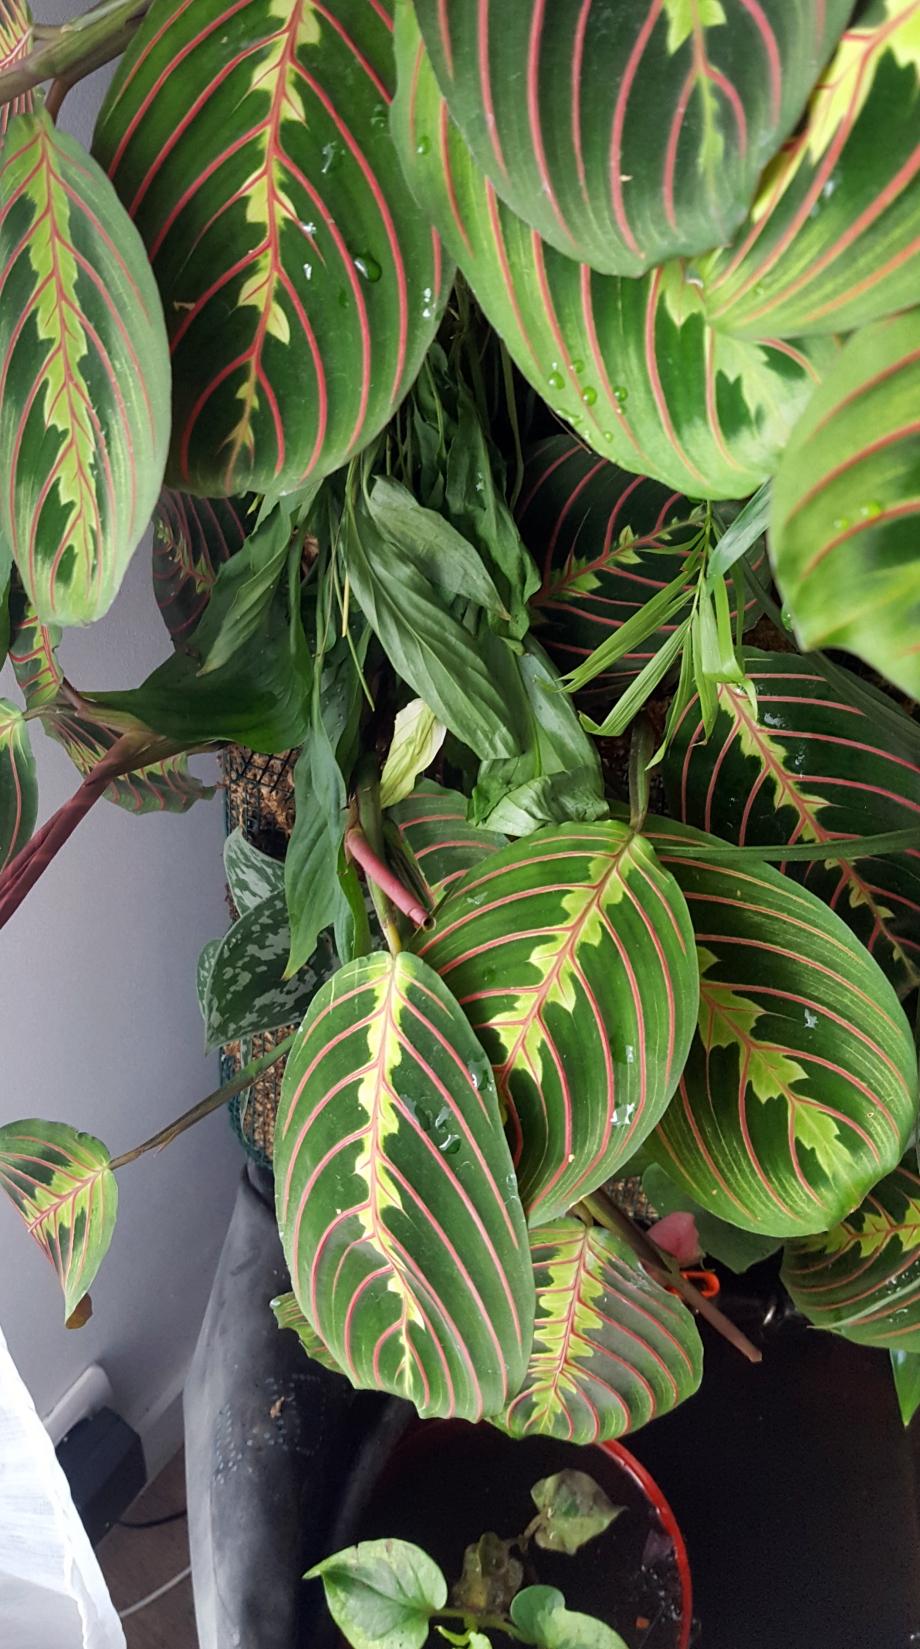 Plant mur déshydraté 23 avr 17.jpg